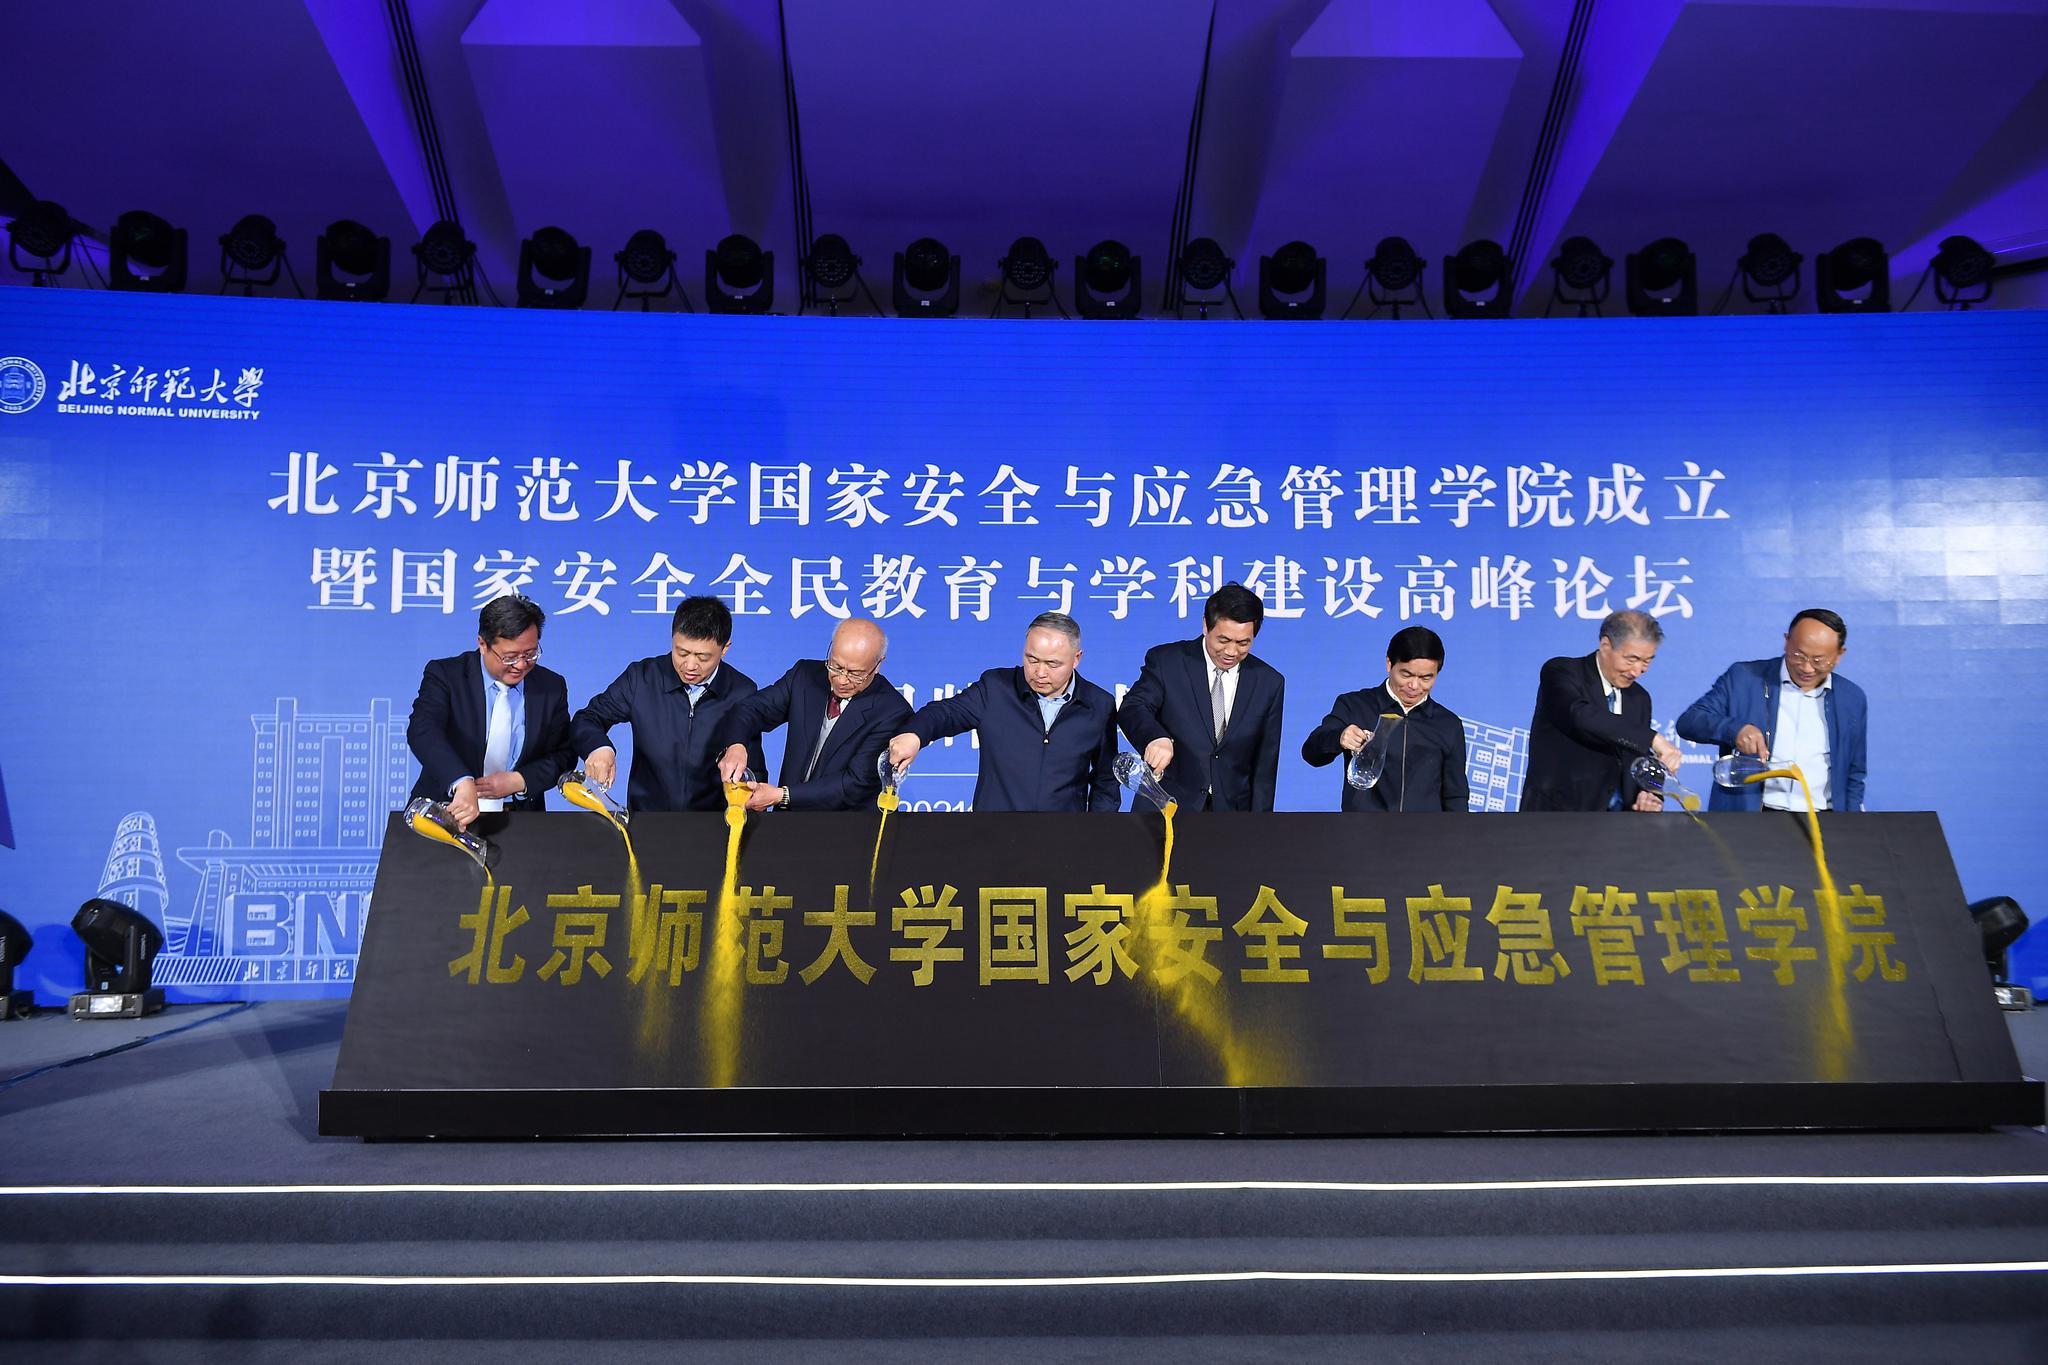 """北师大成立国家安全与应急管理学院,""""本硕博""""一体化培养人才"""